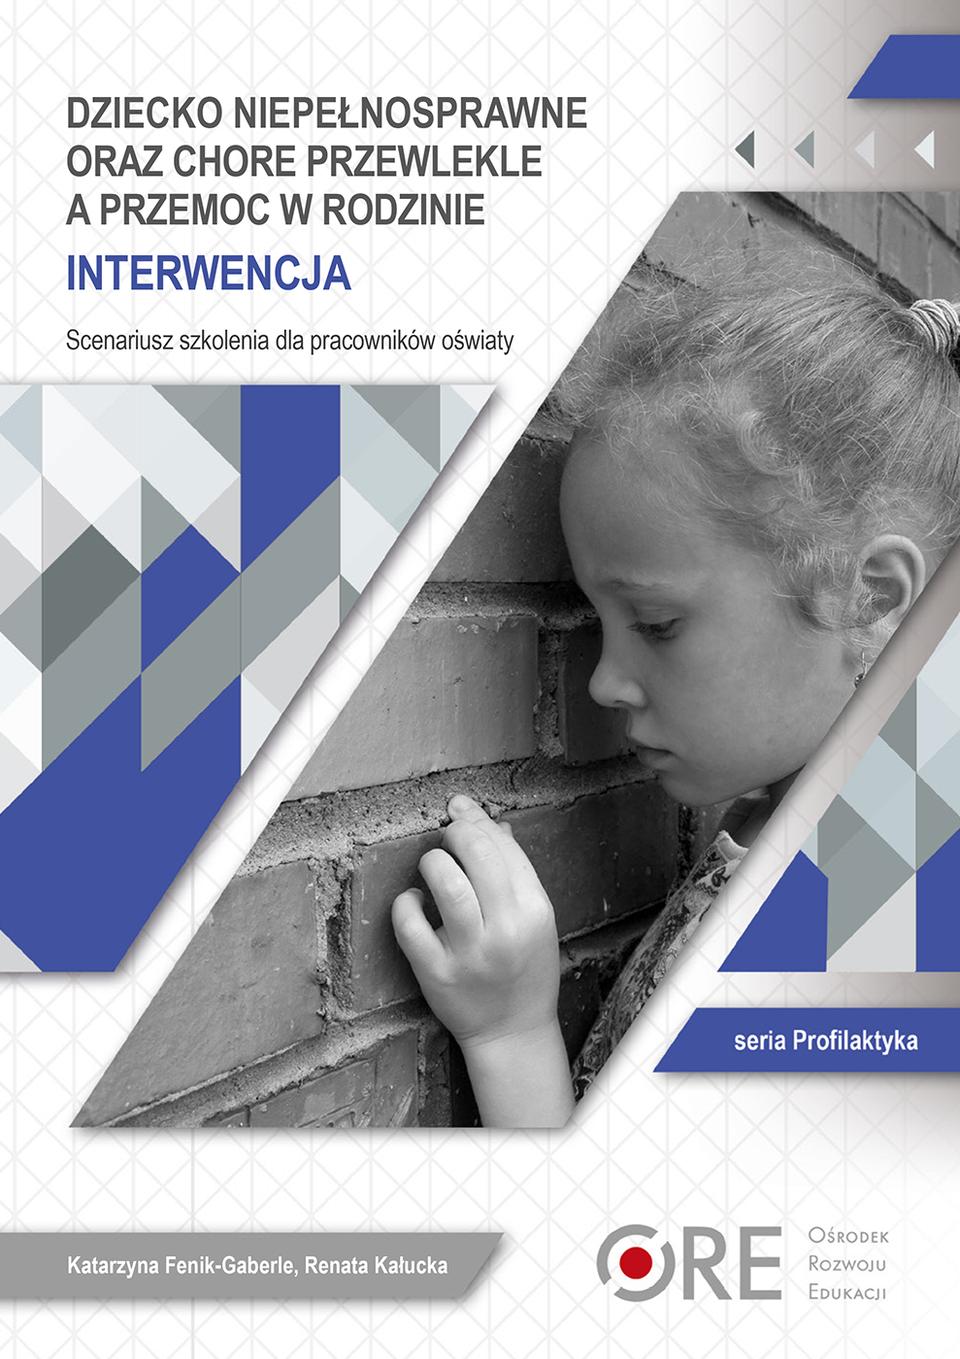 Pobierz plik: dziecko-niepelnosprawne-oraz-chore-przewlekle-a-przemoc-w-rodzinie.-interwencja.-scenariusz-szkolenia-dla-pracownikow-oswiaty-1.pdf